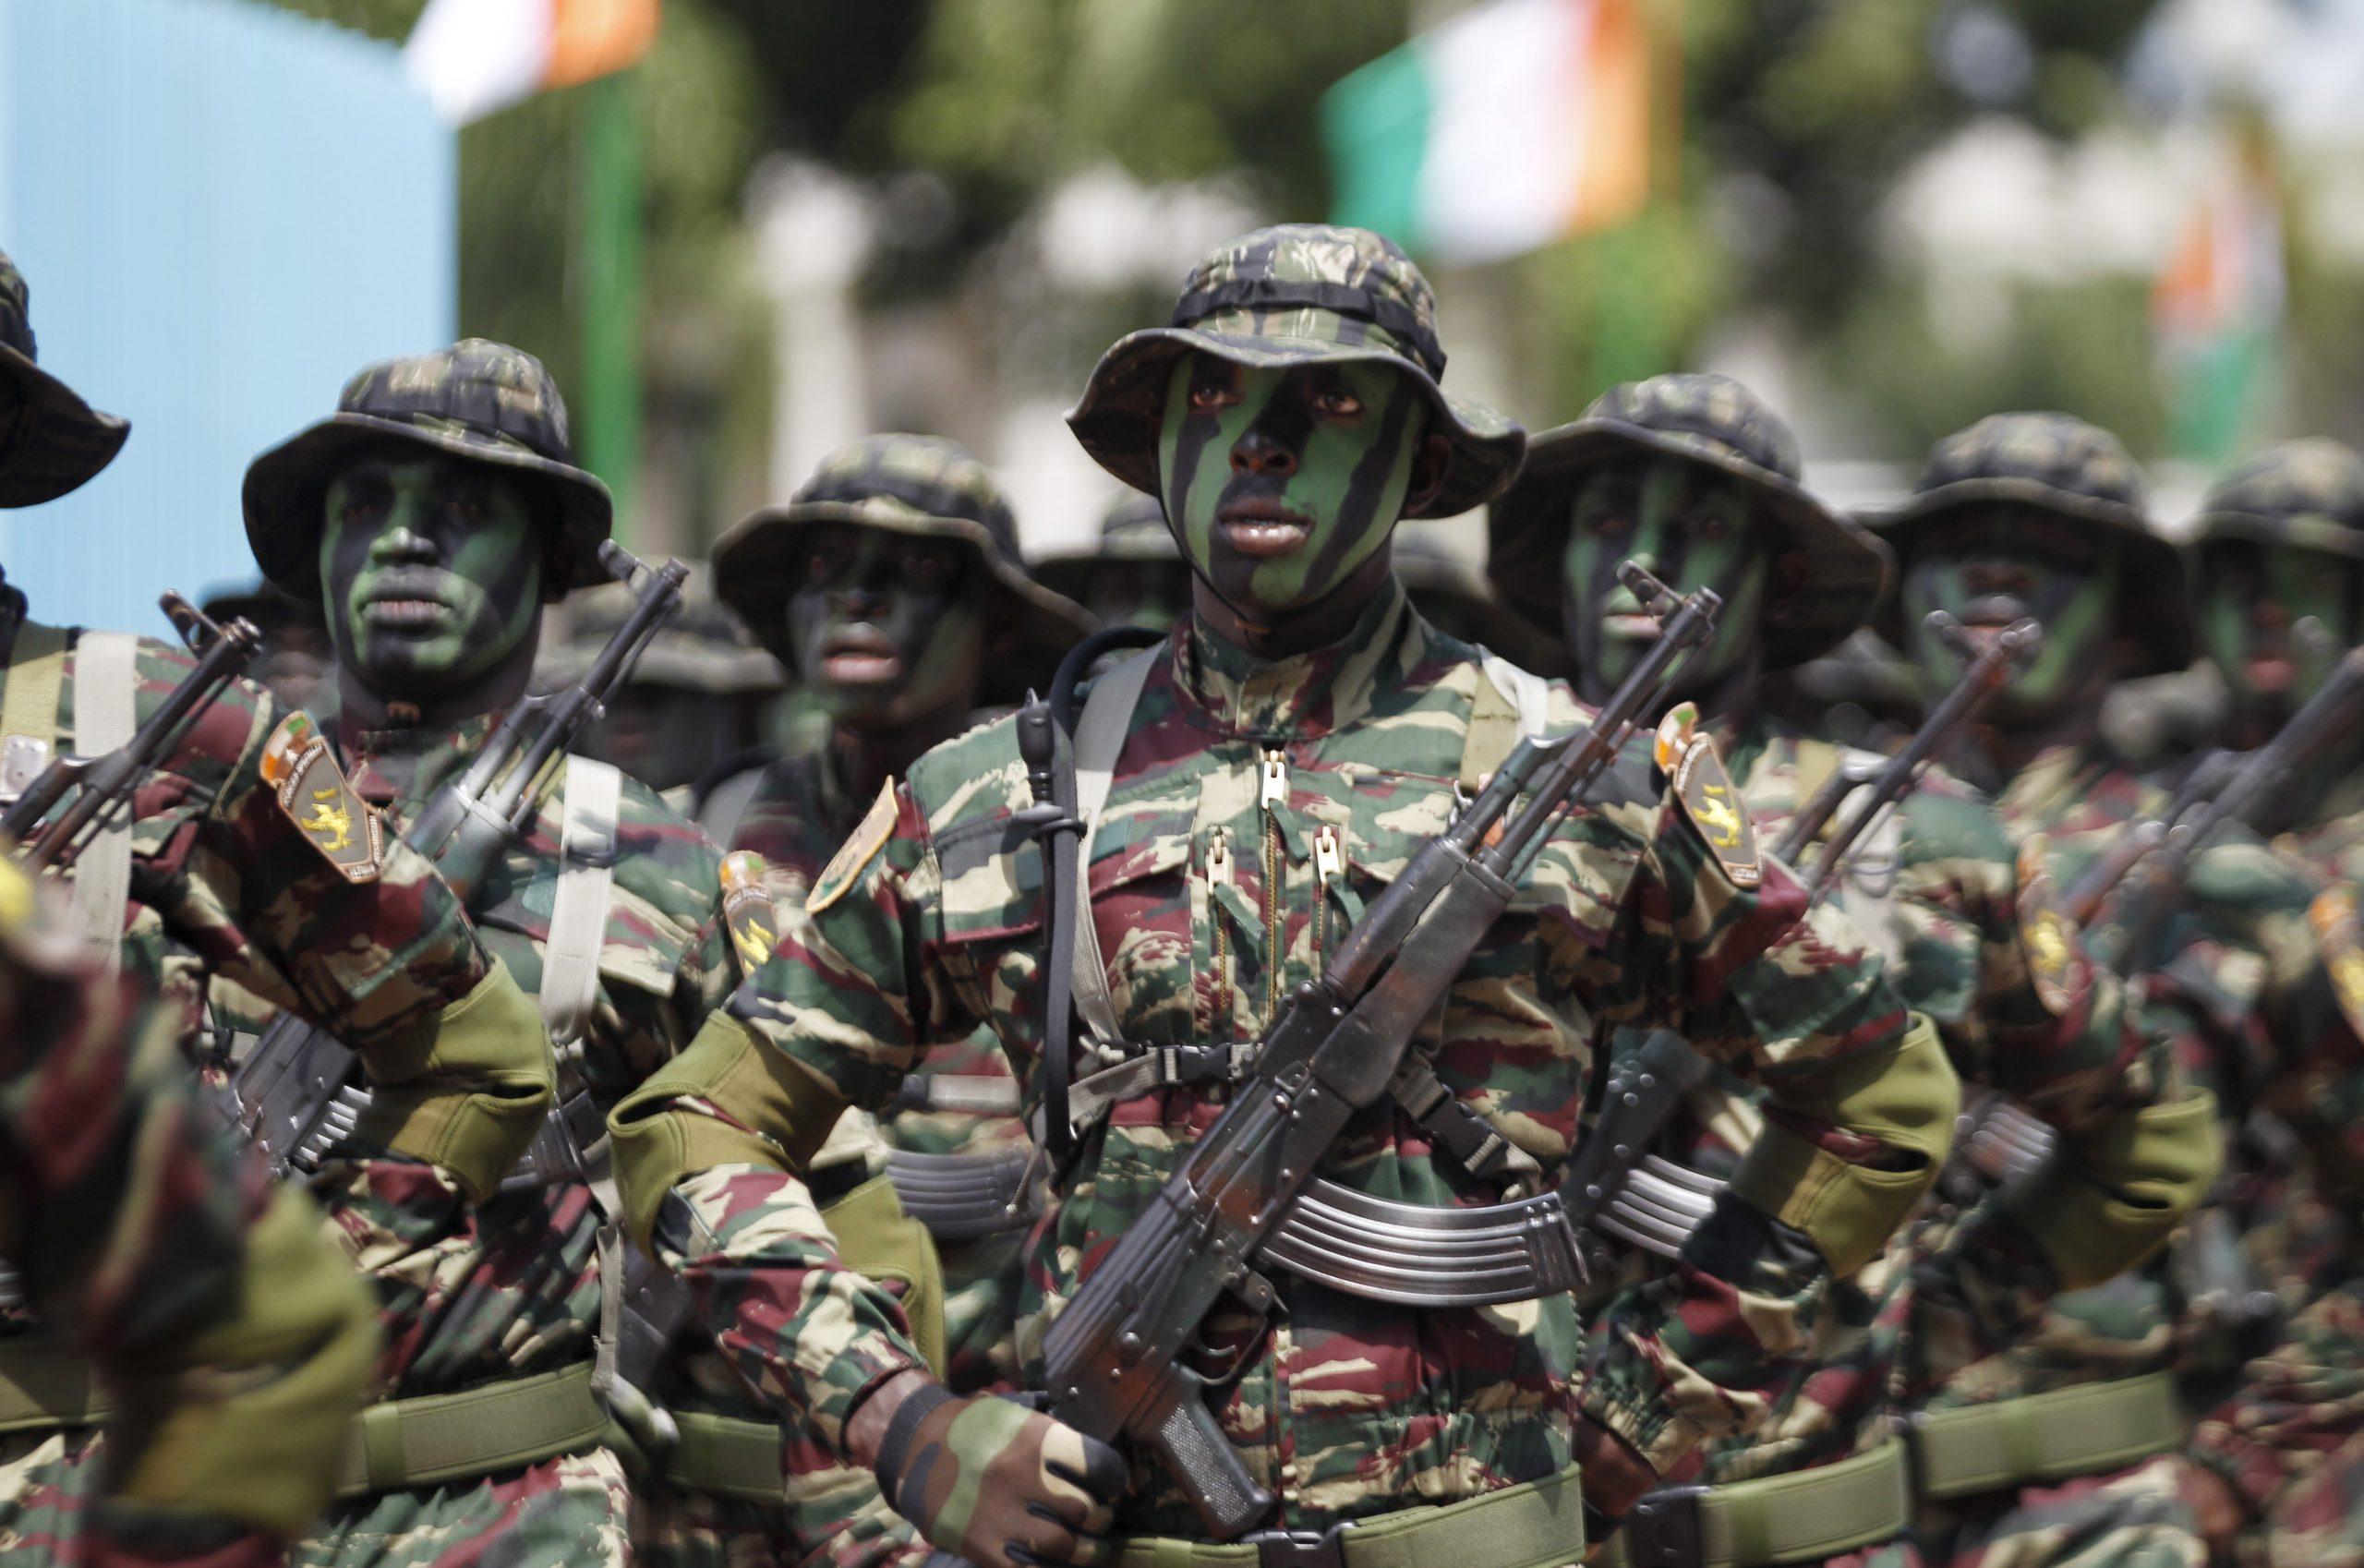 Des soldats des forces spéciales ivoiriennes, lors d'un défilé militaire en 2015 (illustration).